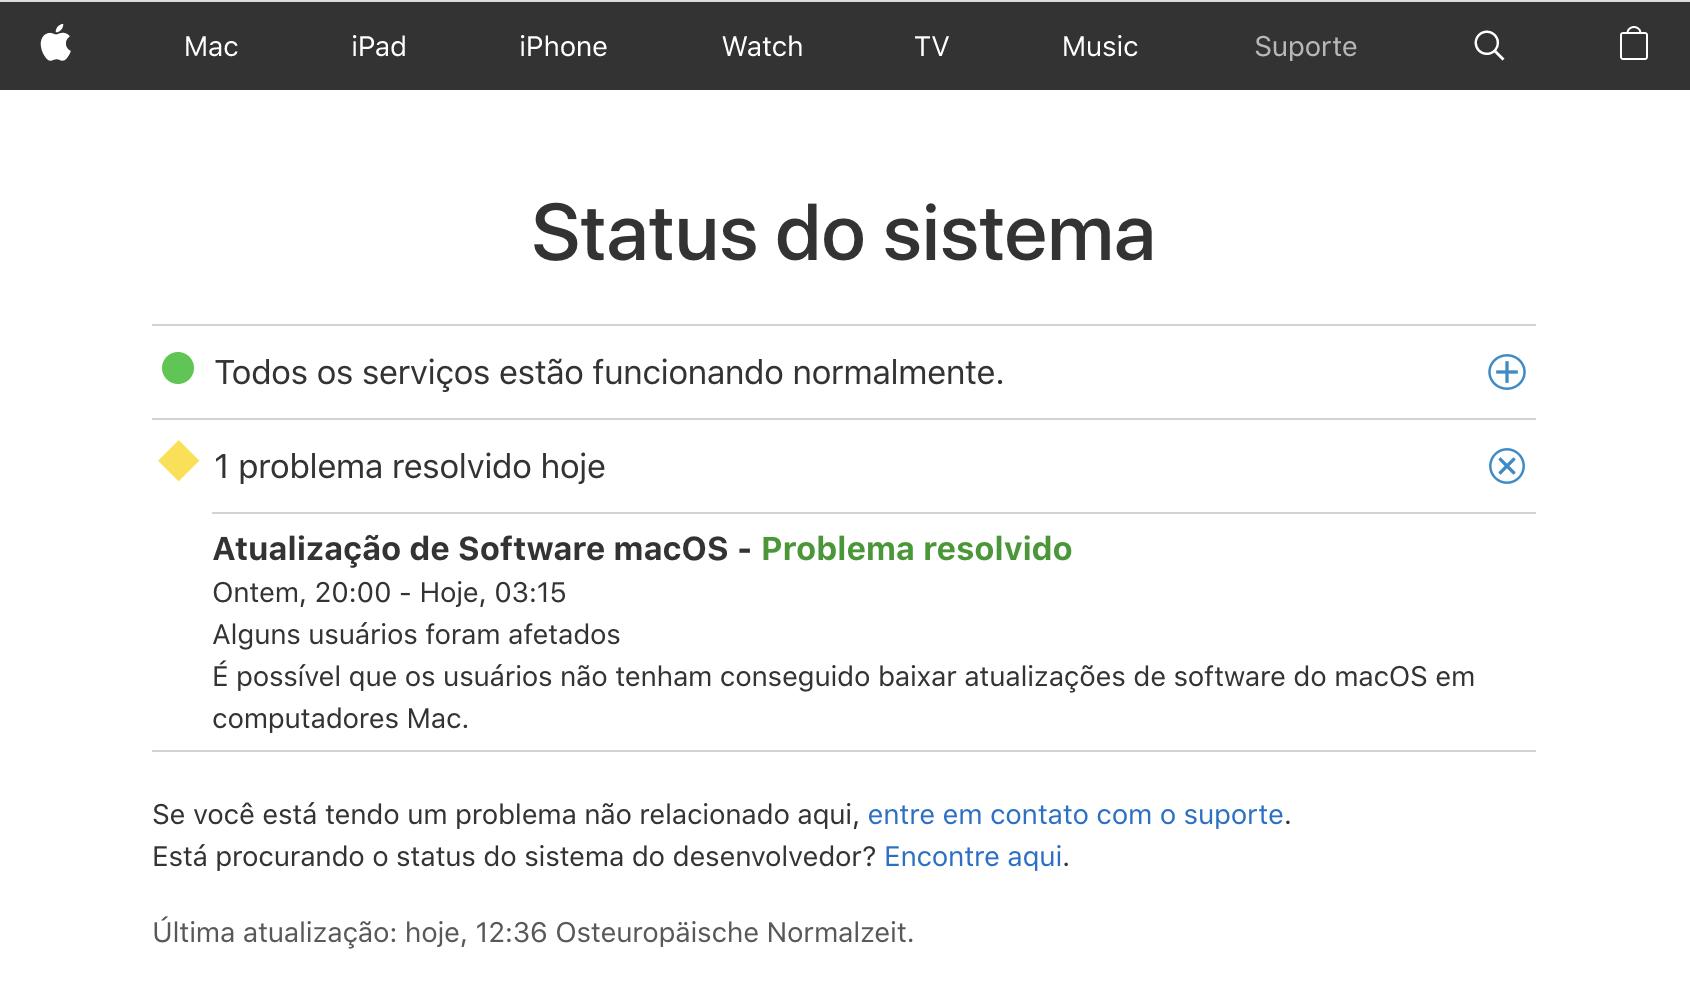 Página de status do sistema da Apple